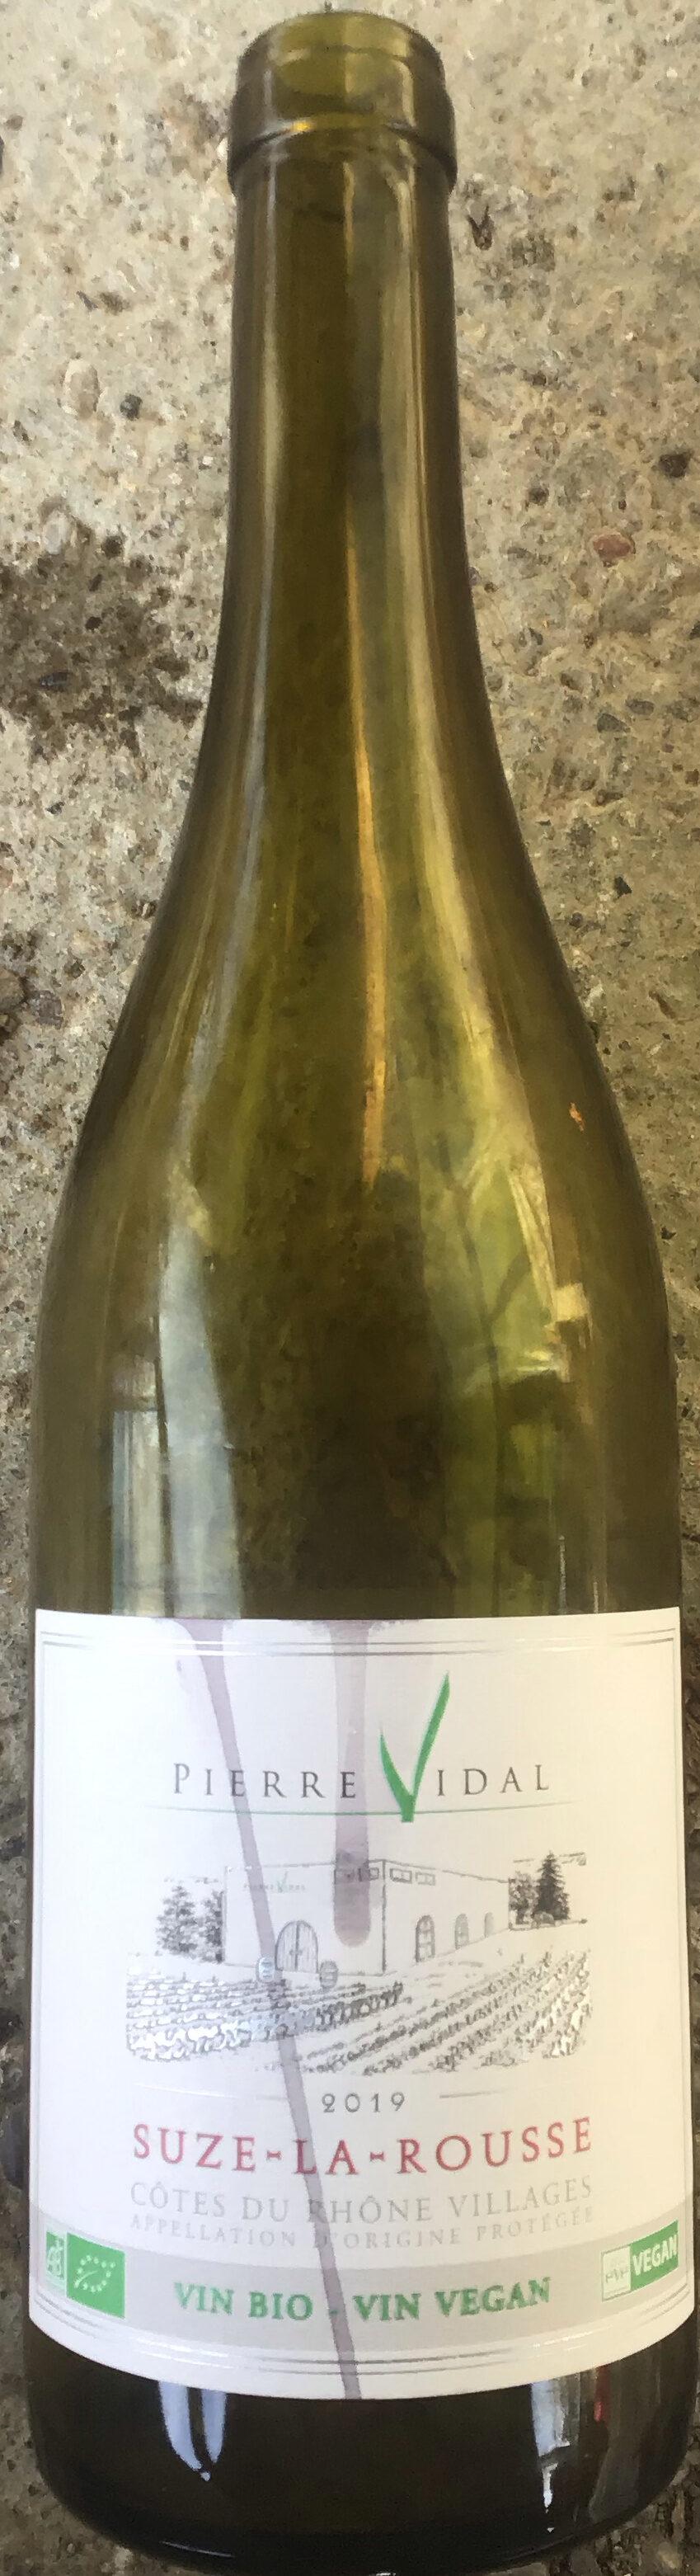 Suze-la-Rousse 2019 - Product - fr